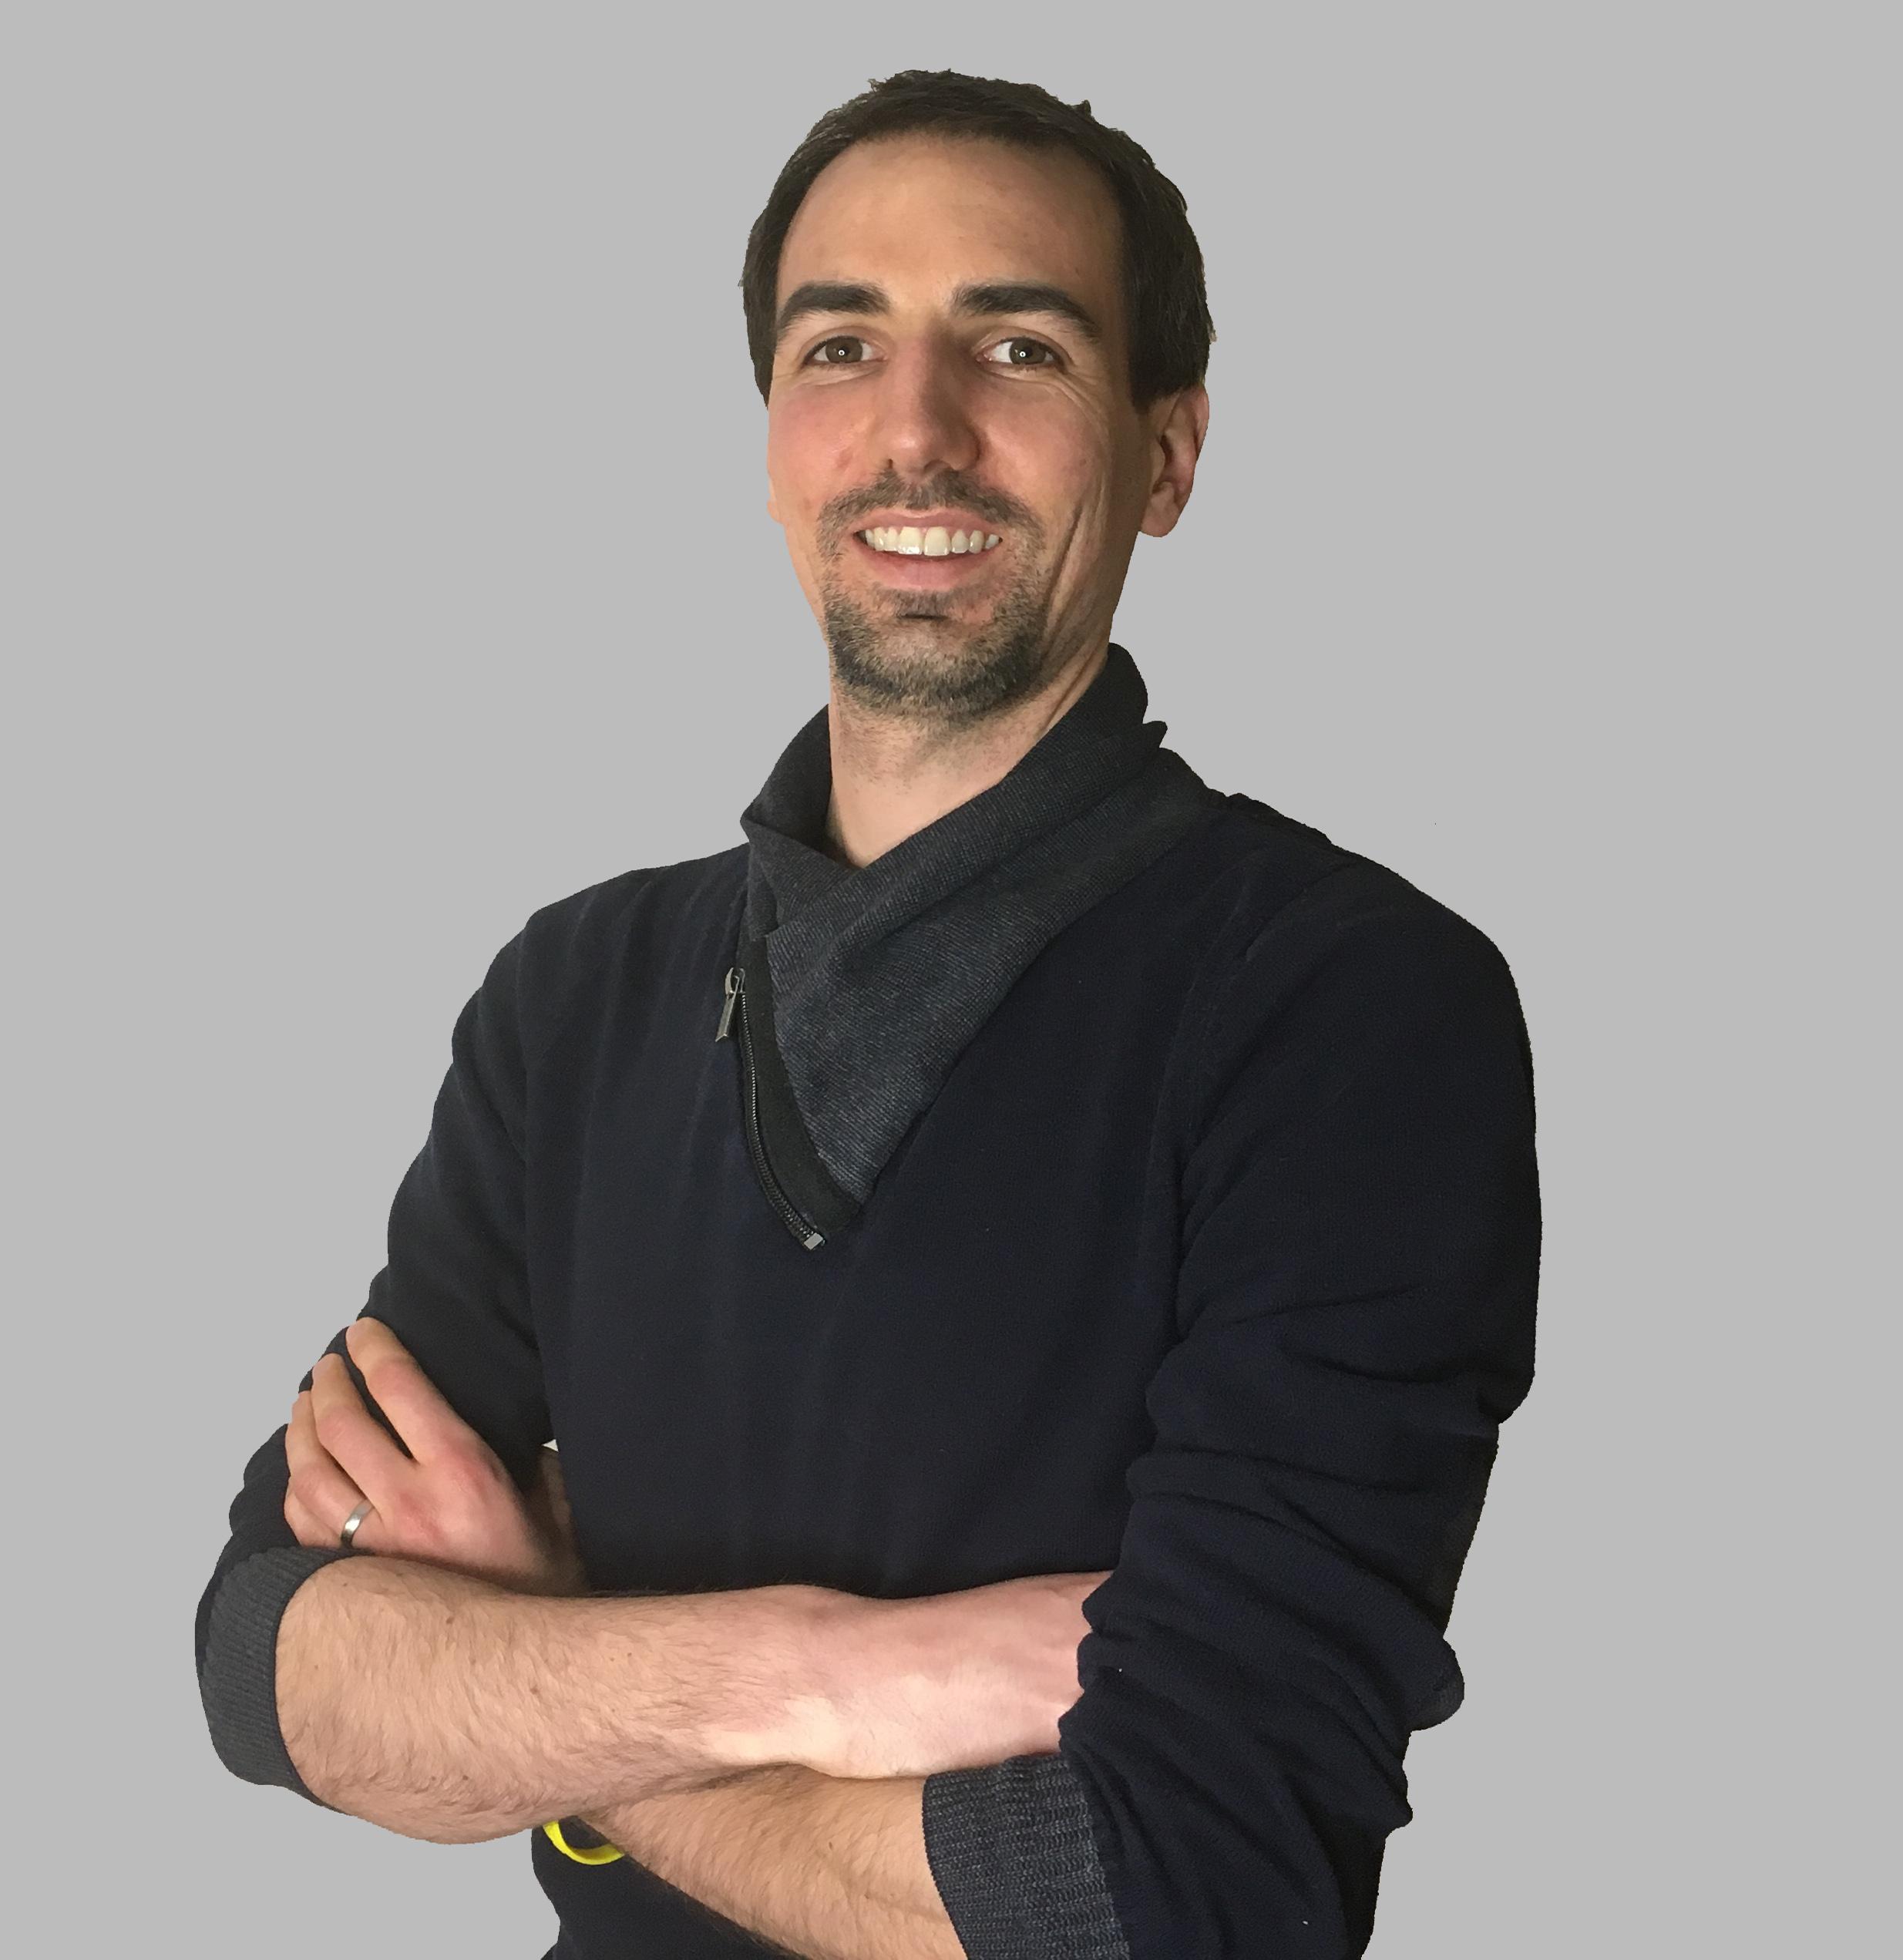 Frédéric Ravat